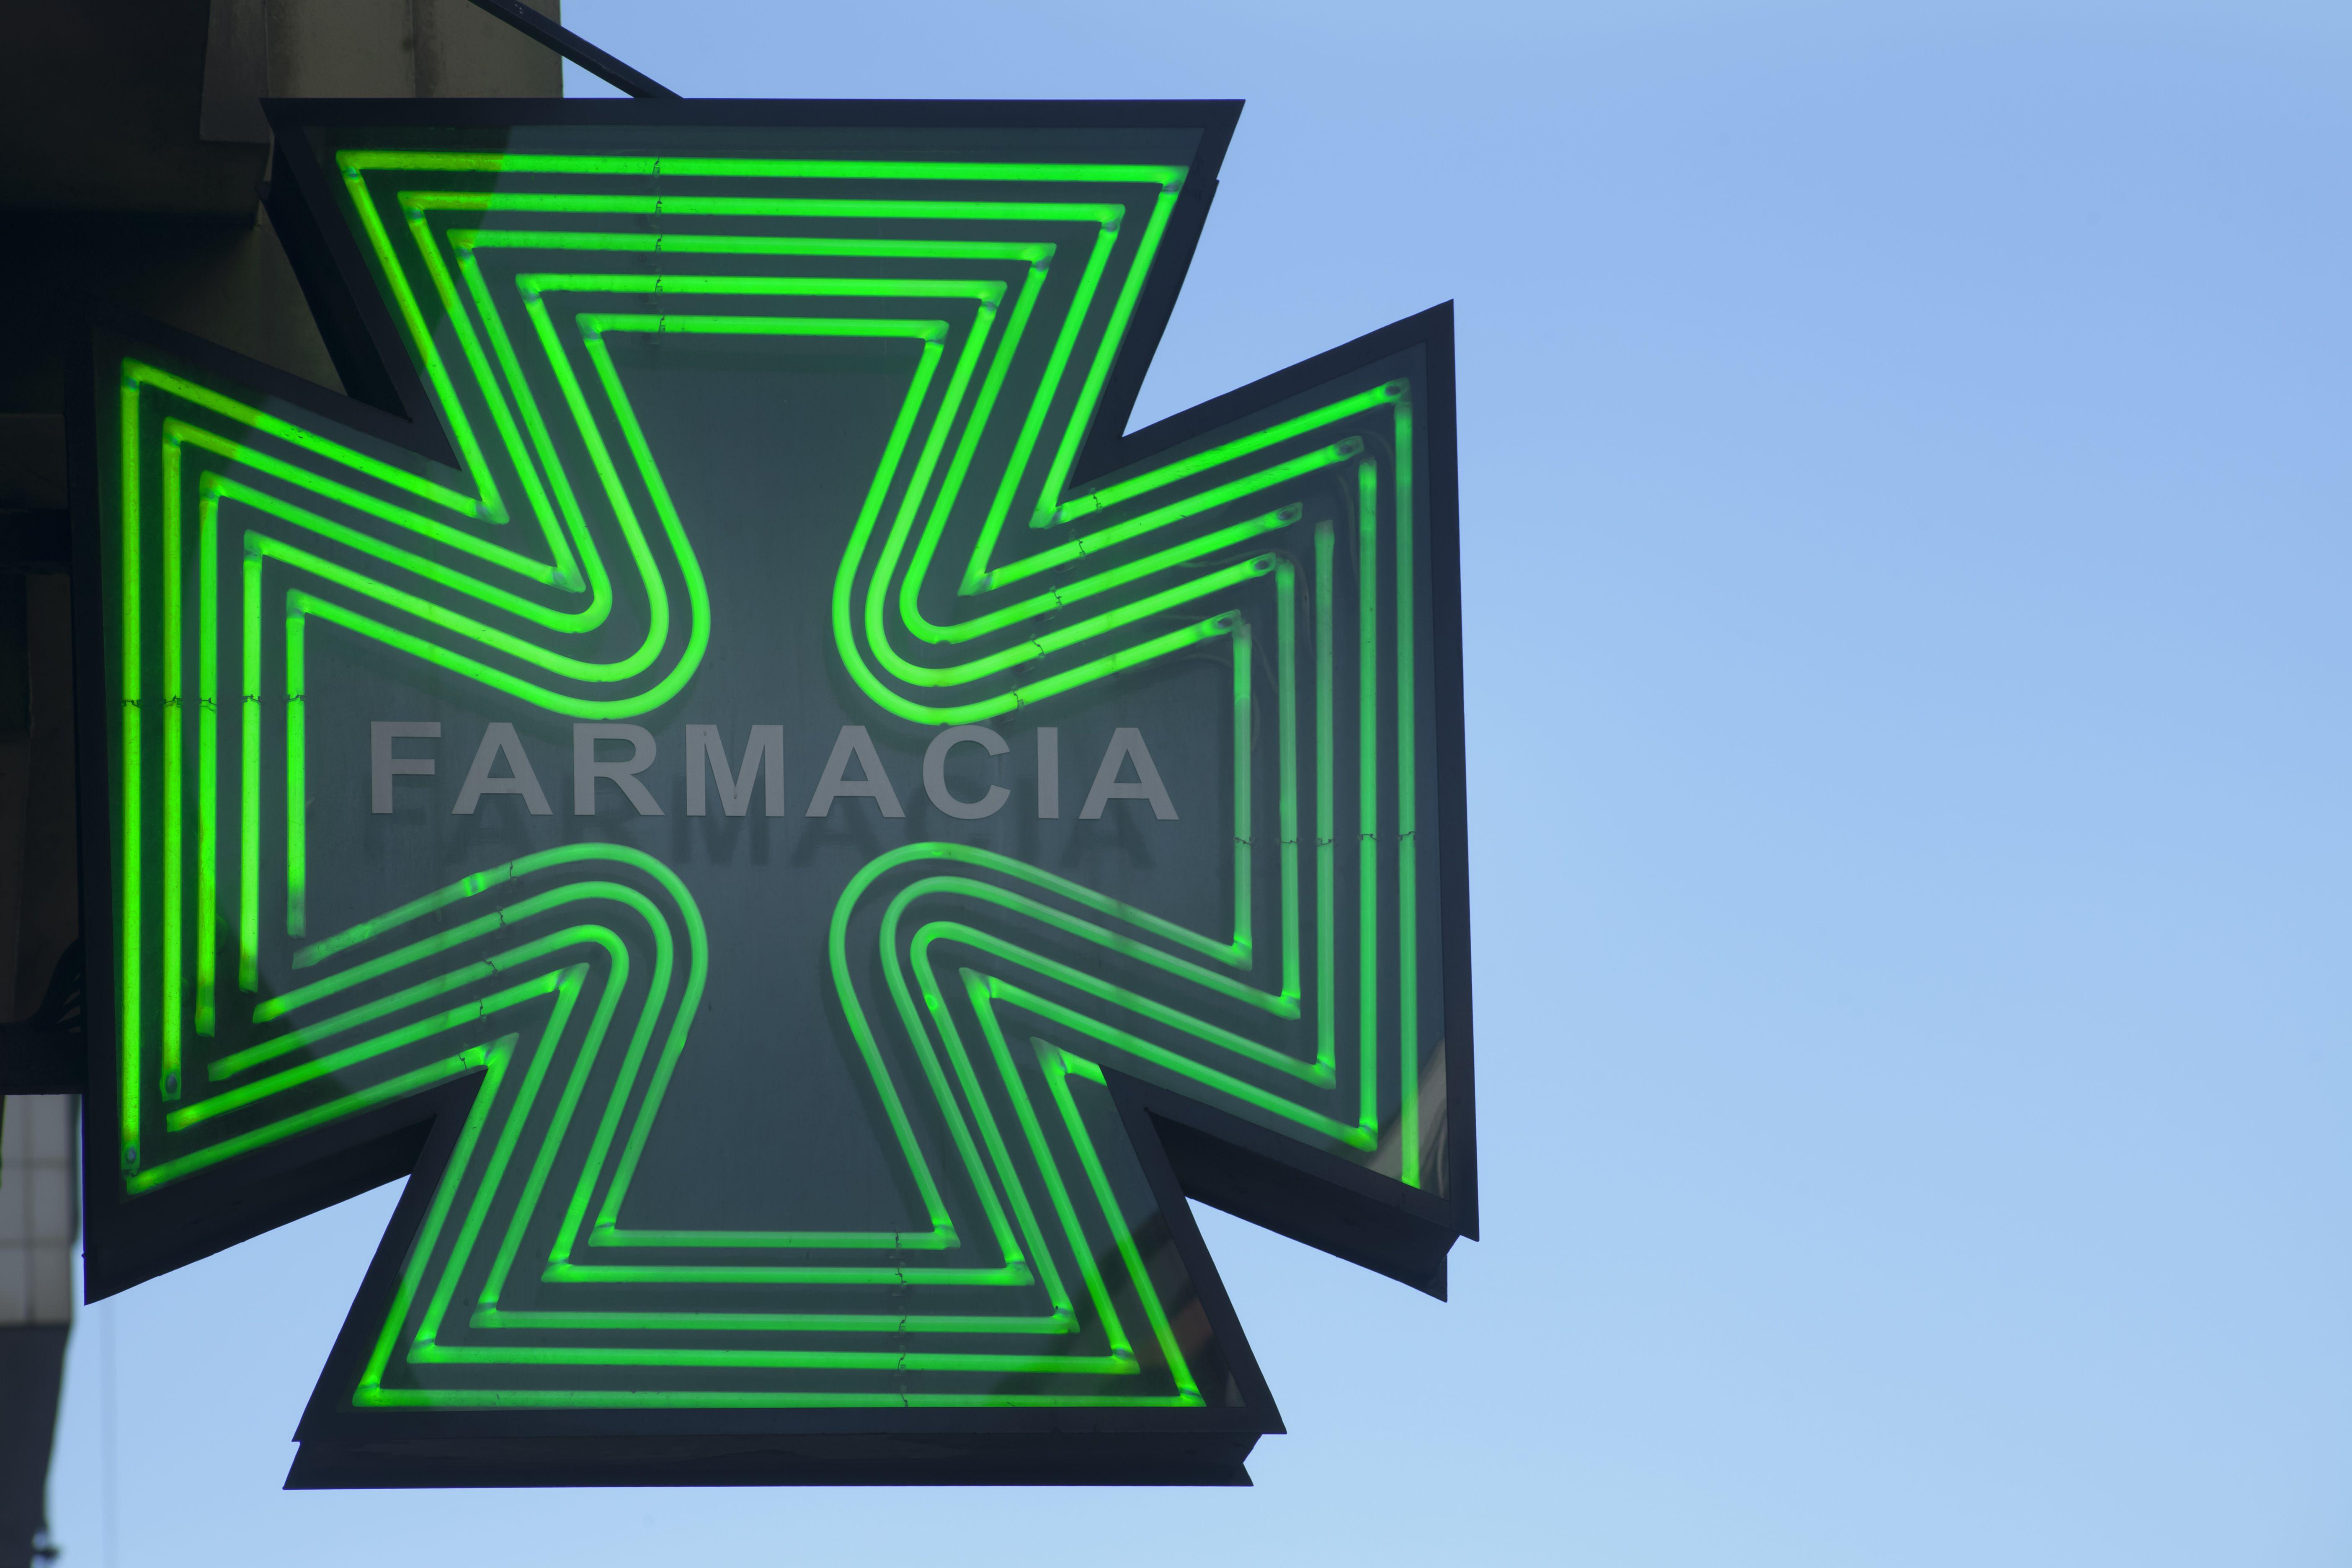 Farmacias en Elgoibar